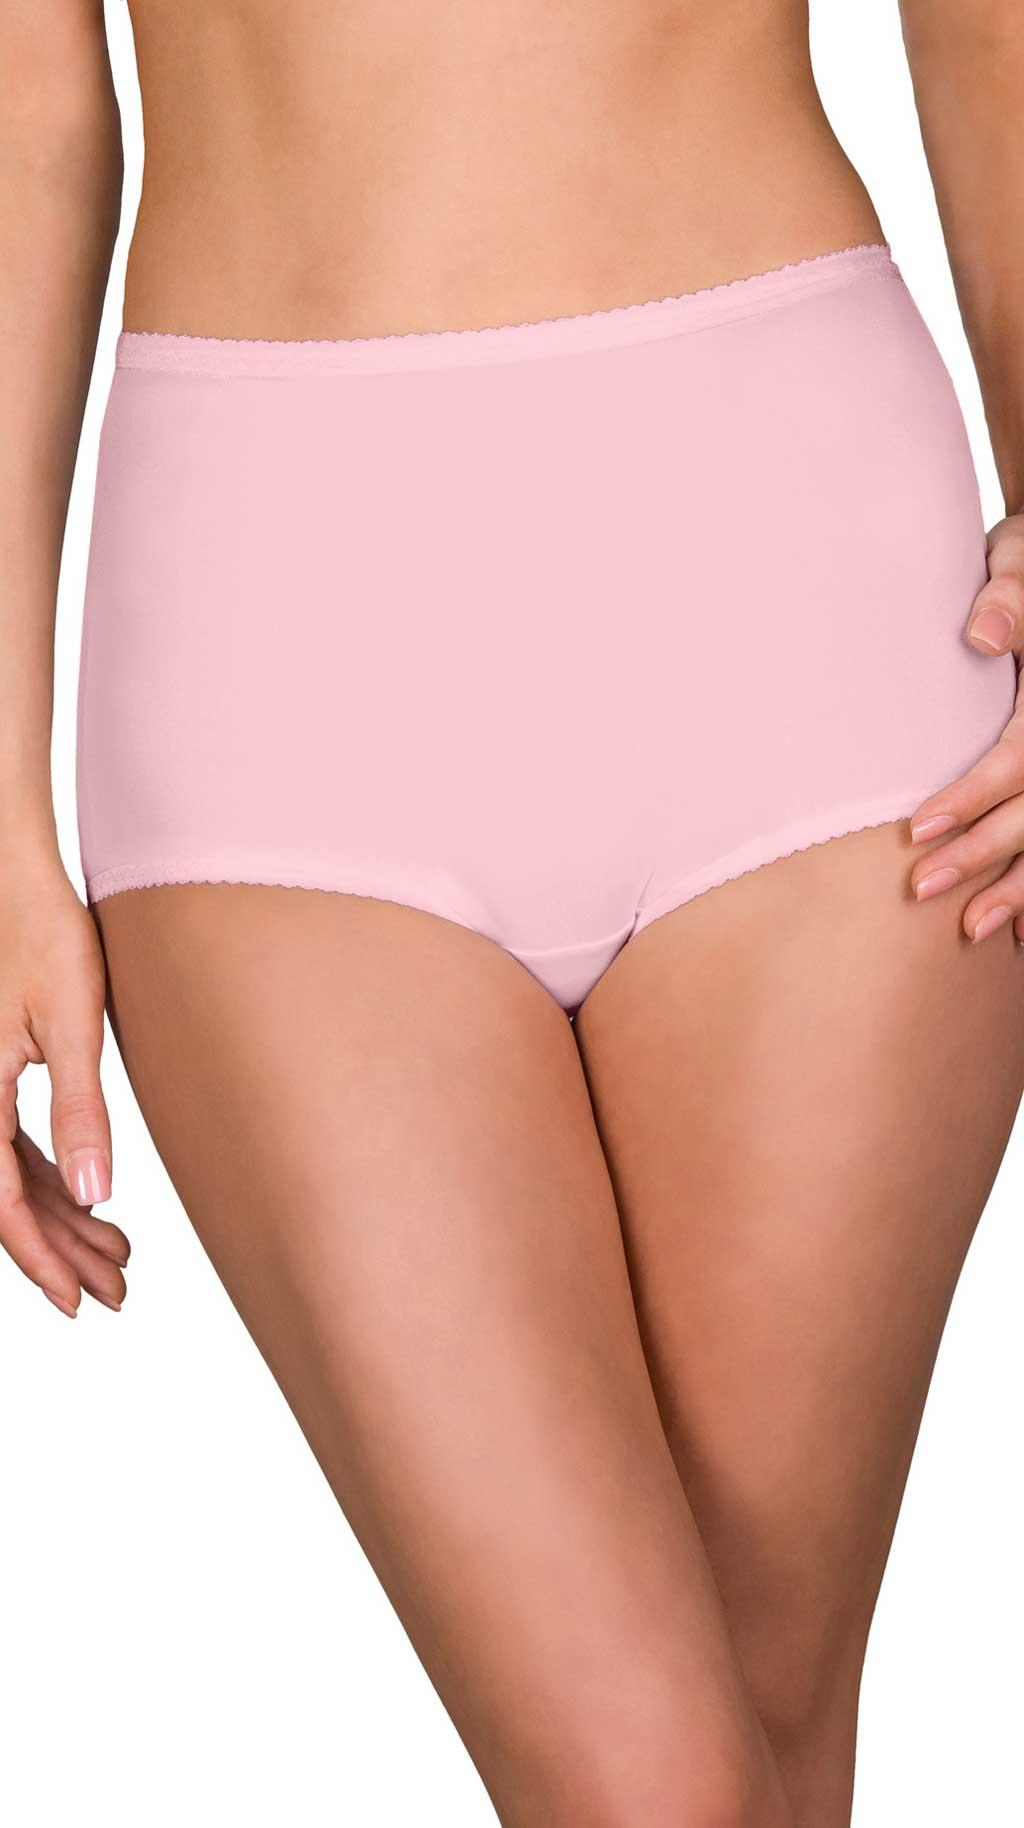 pink high cut panties